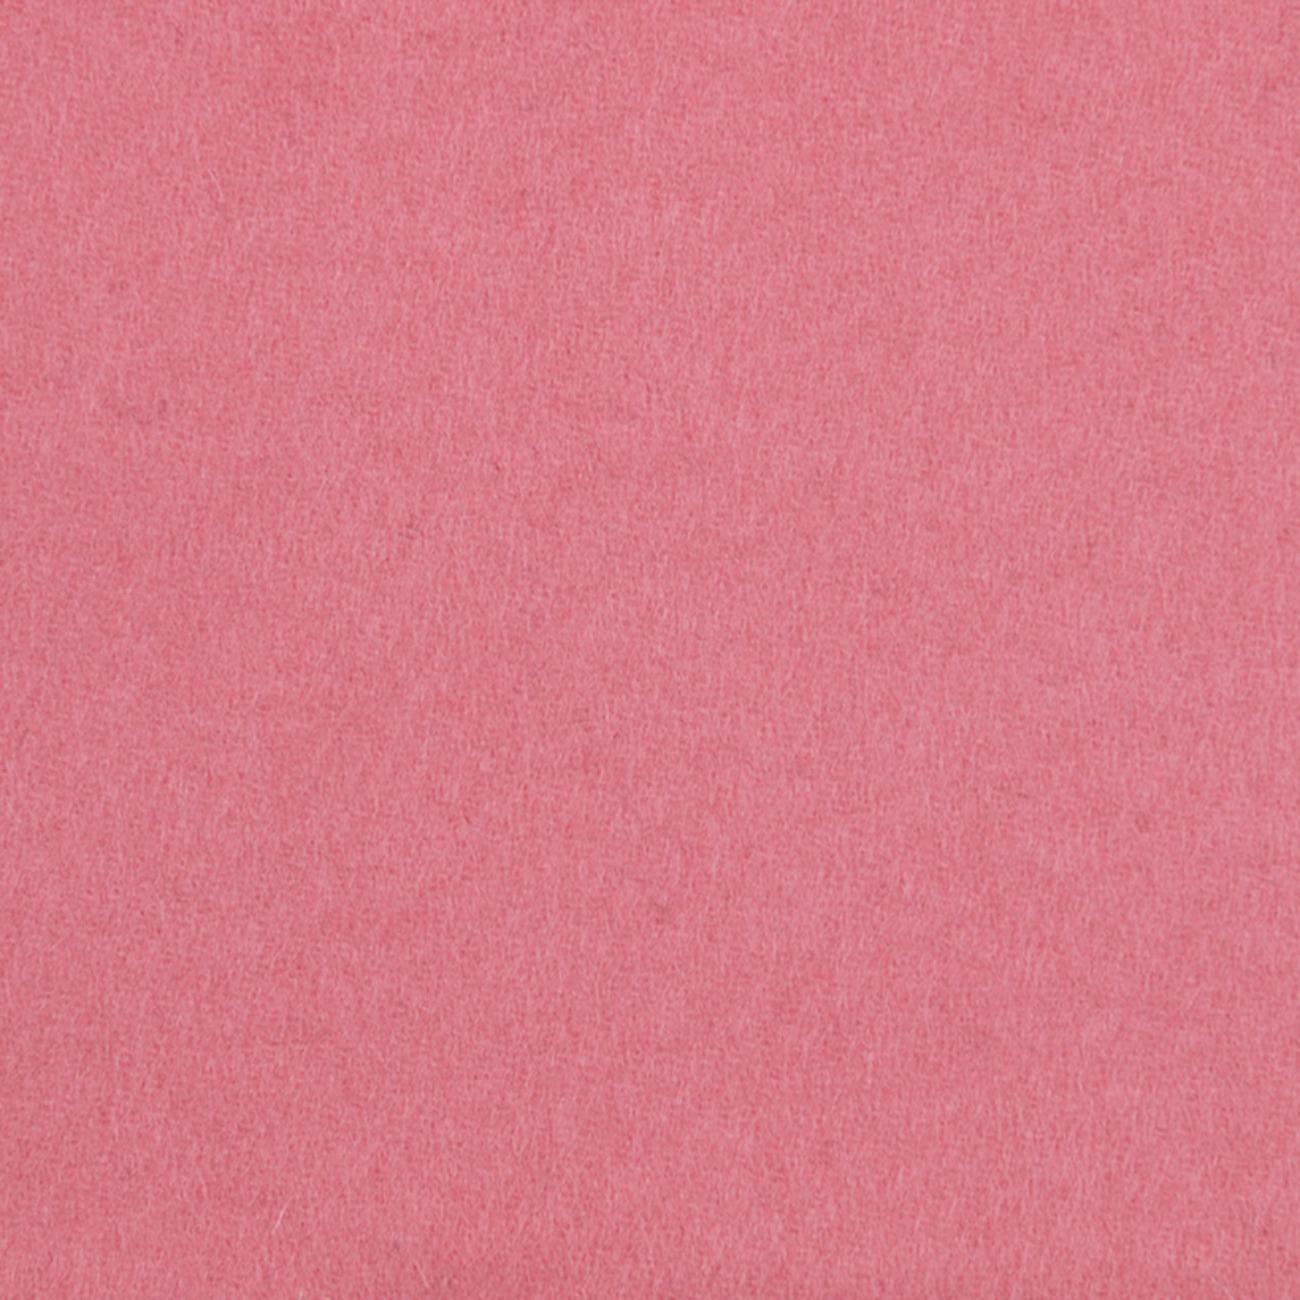 素色 梭织 双面 无弹 大衣 外套 柔软 细腻 绒感 男装 女装 童装 秋冬 羊毛 71019-3